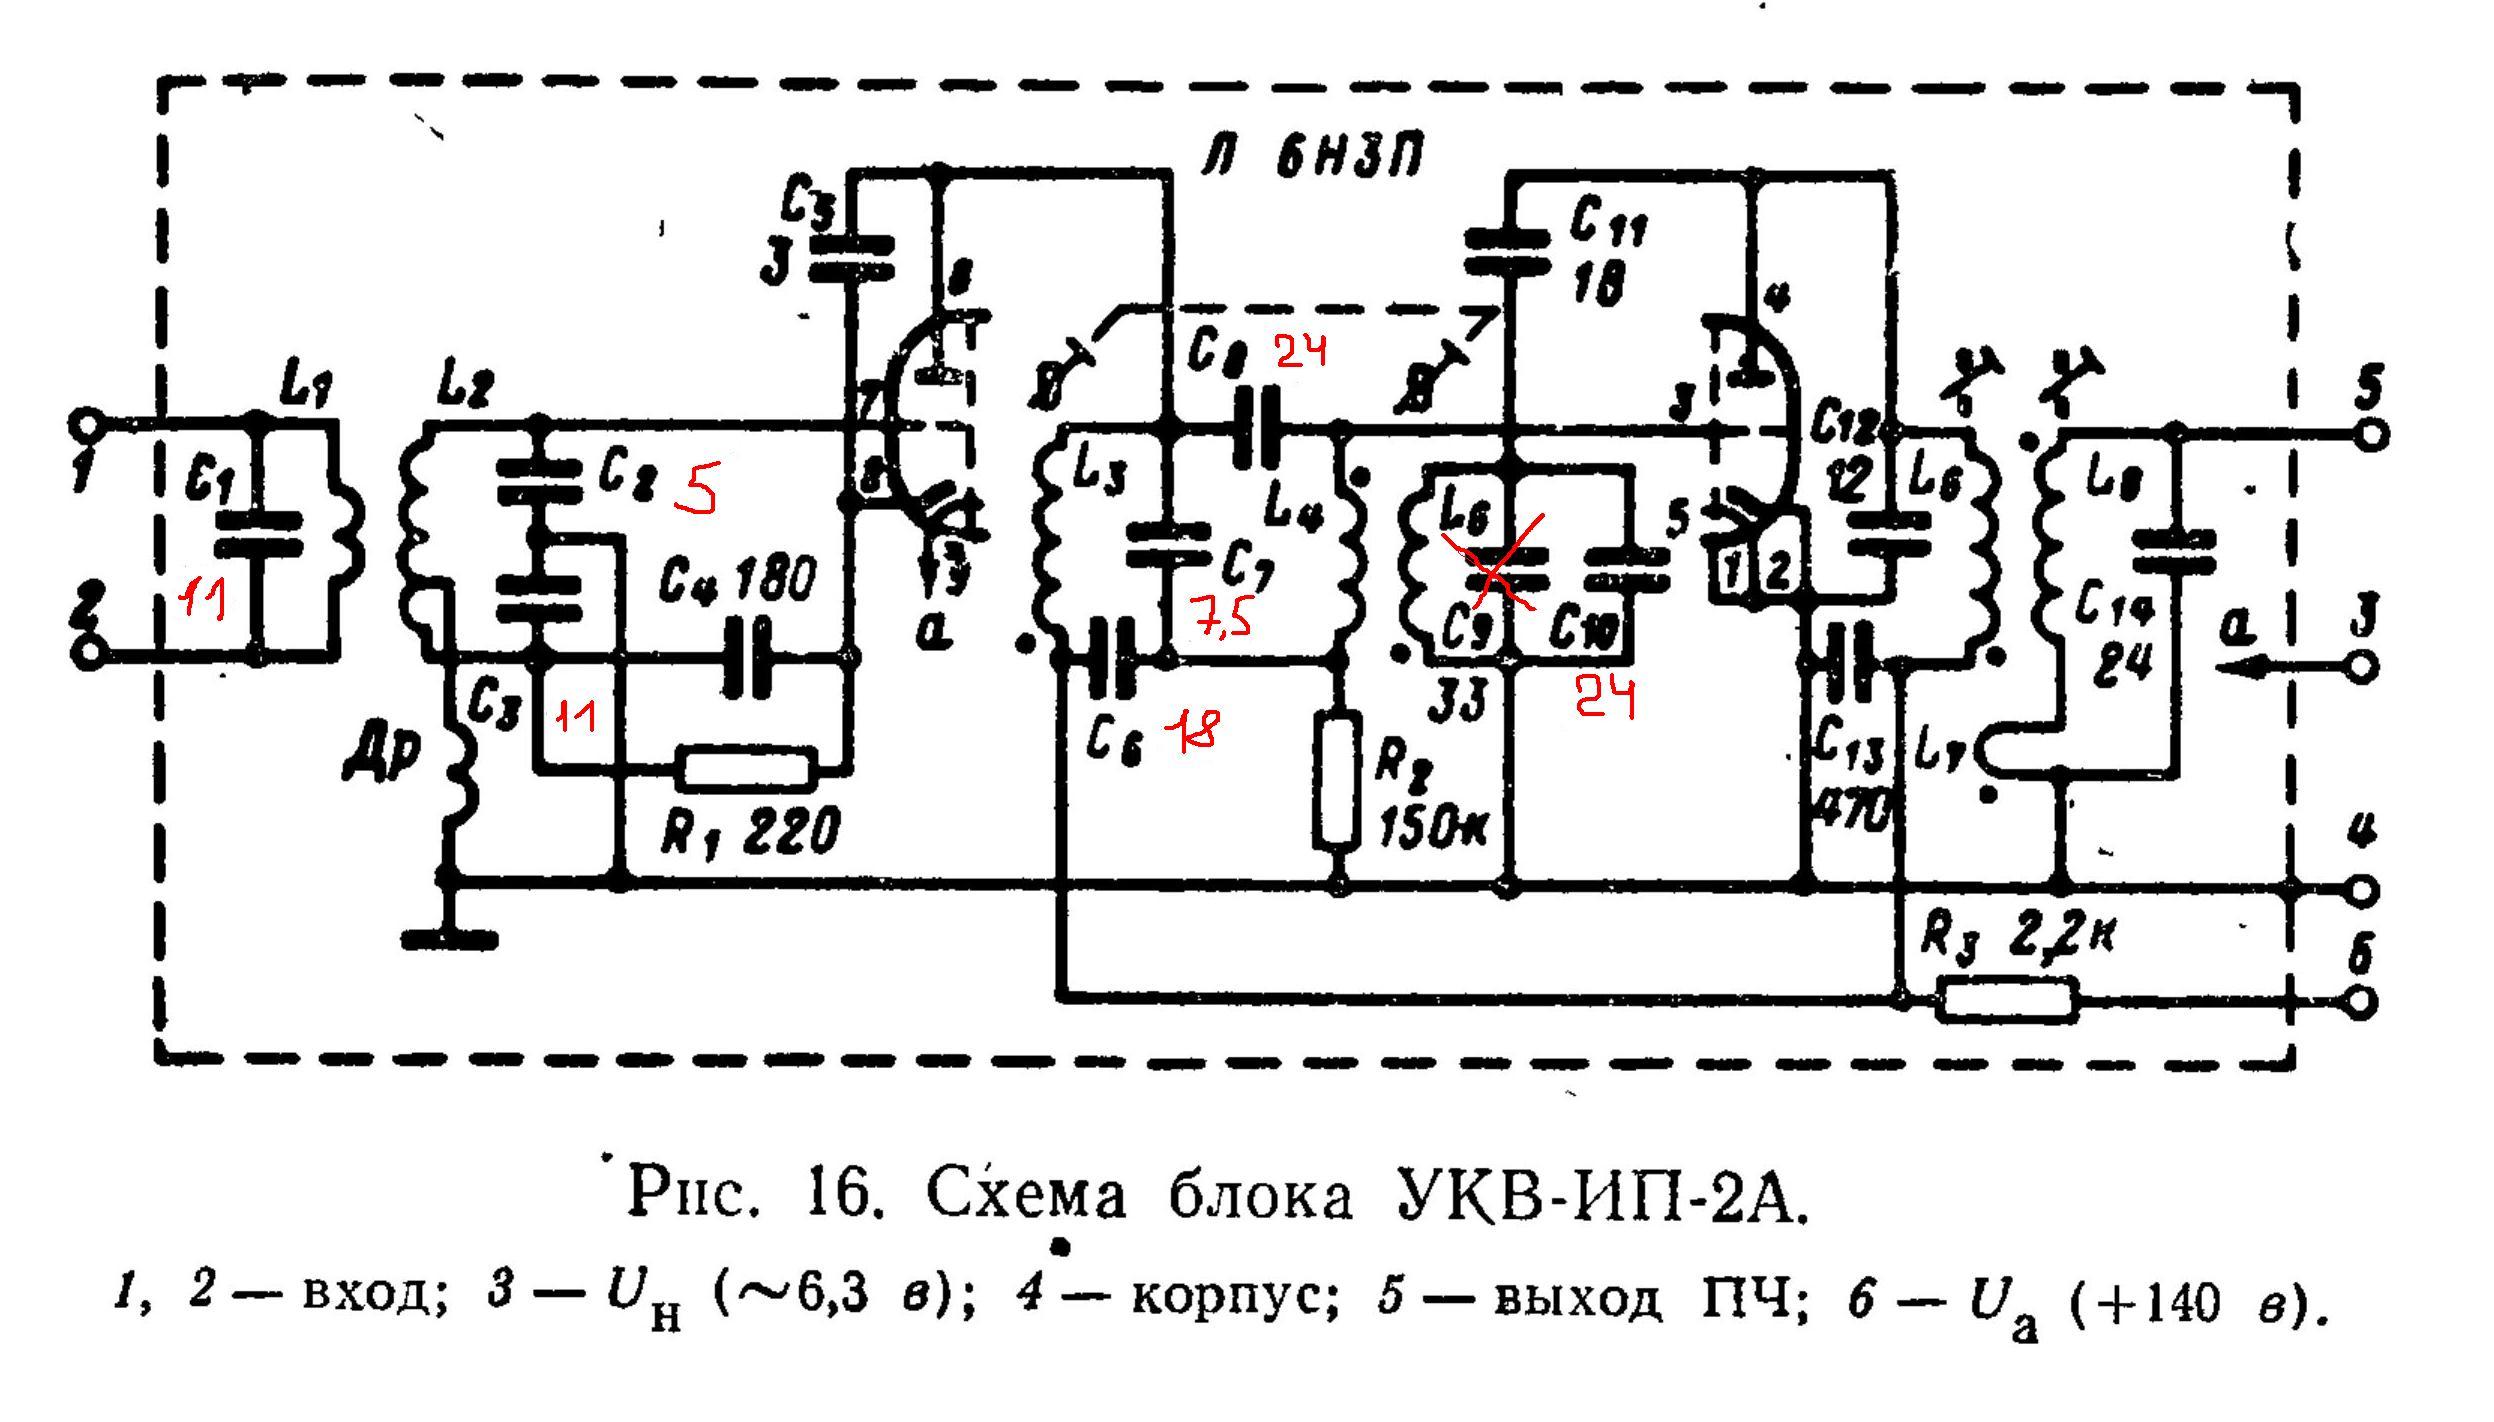 Туторский ог простейшие любительские передатчики и приемники уквdjvu